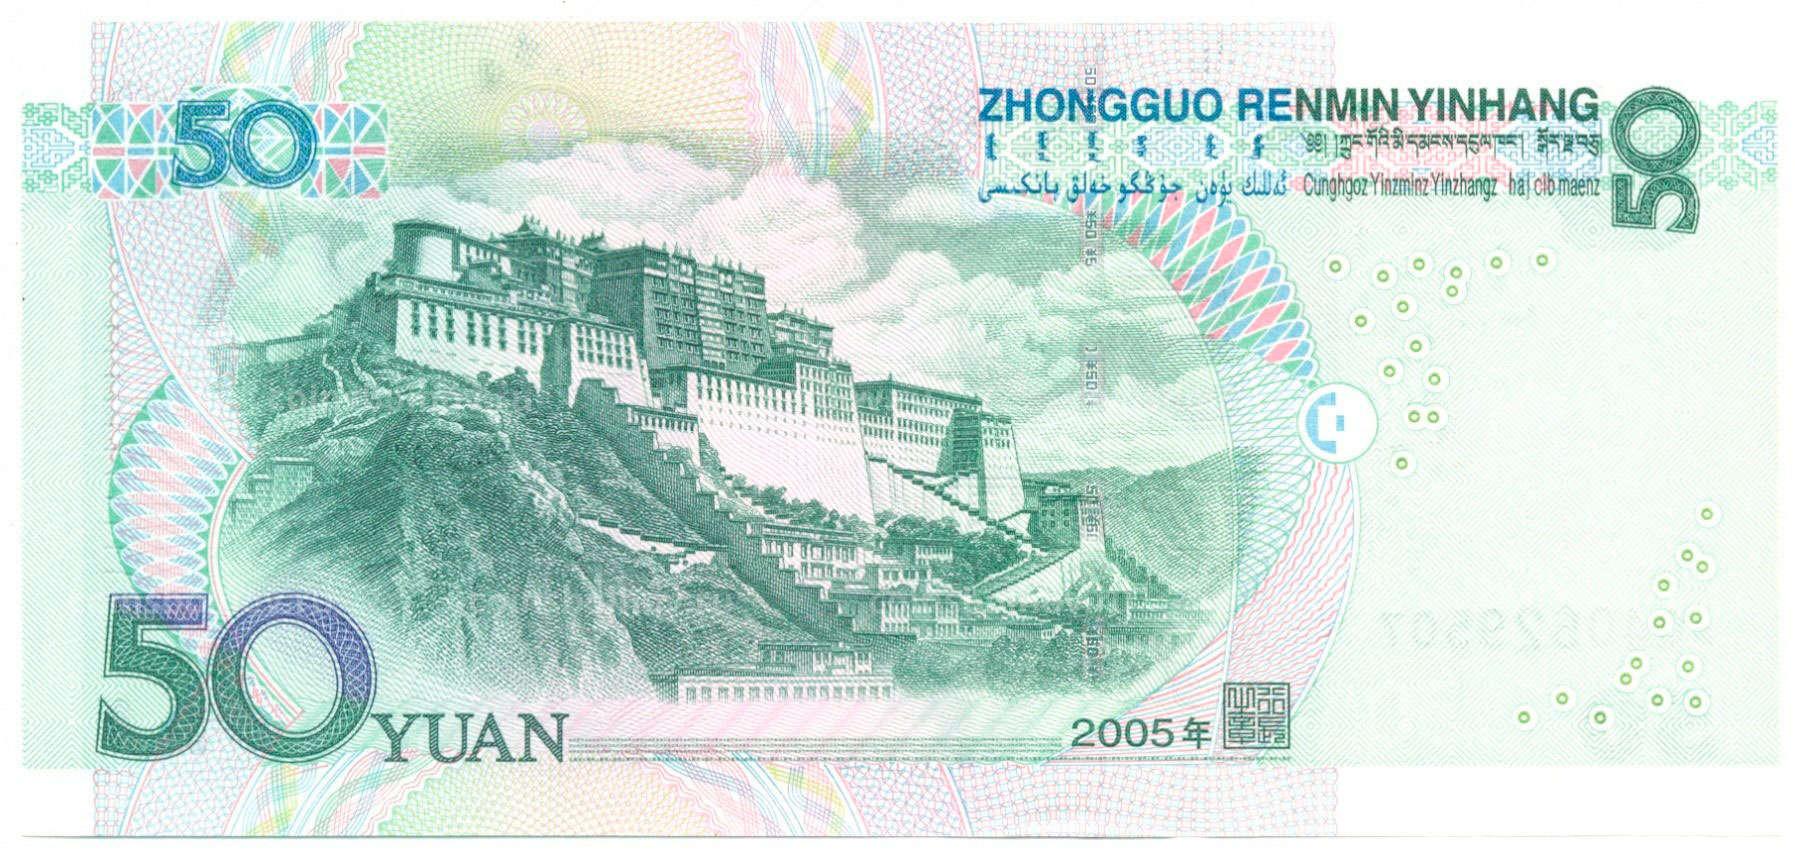 Оборотнаясторона купюры номиналом 50 юаней